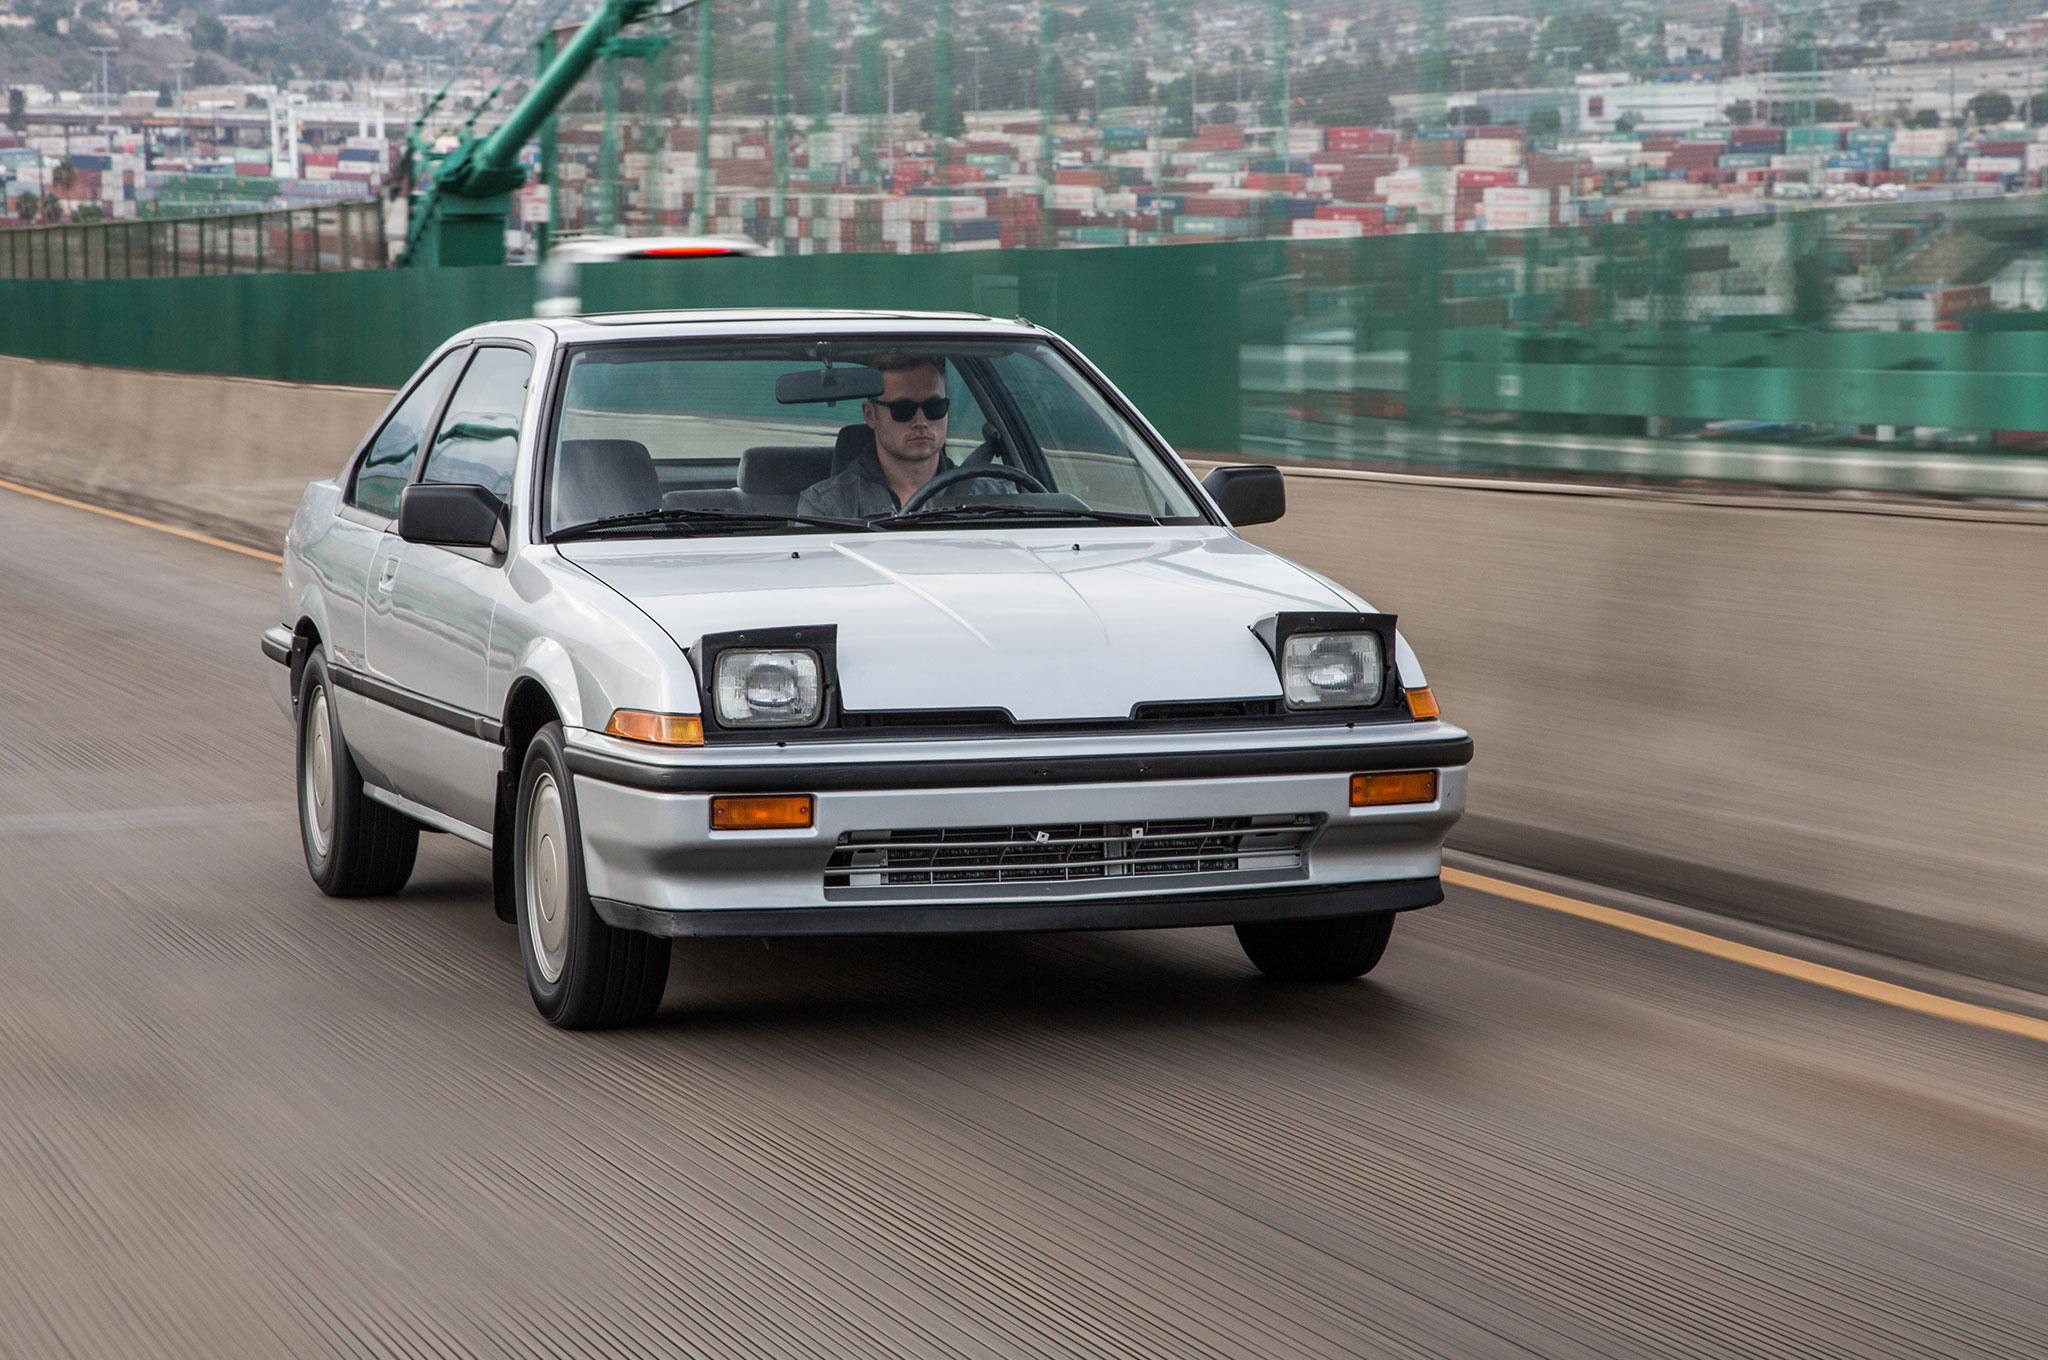 Collectible Clic: 1986-1989 Acura Integra